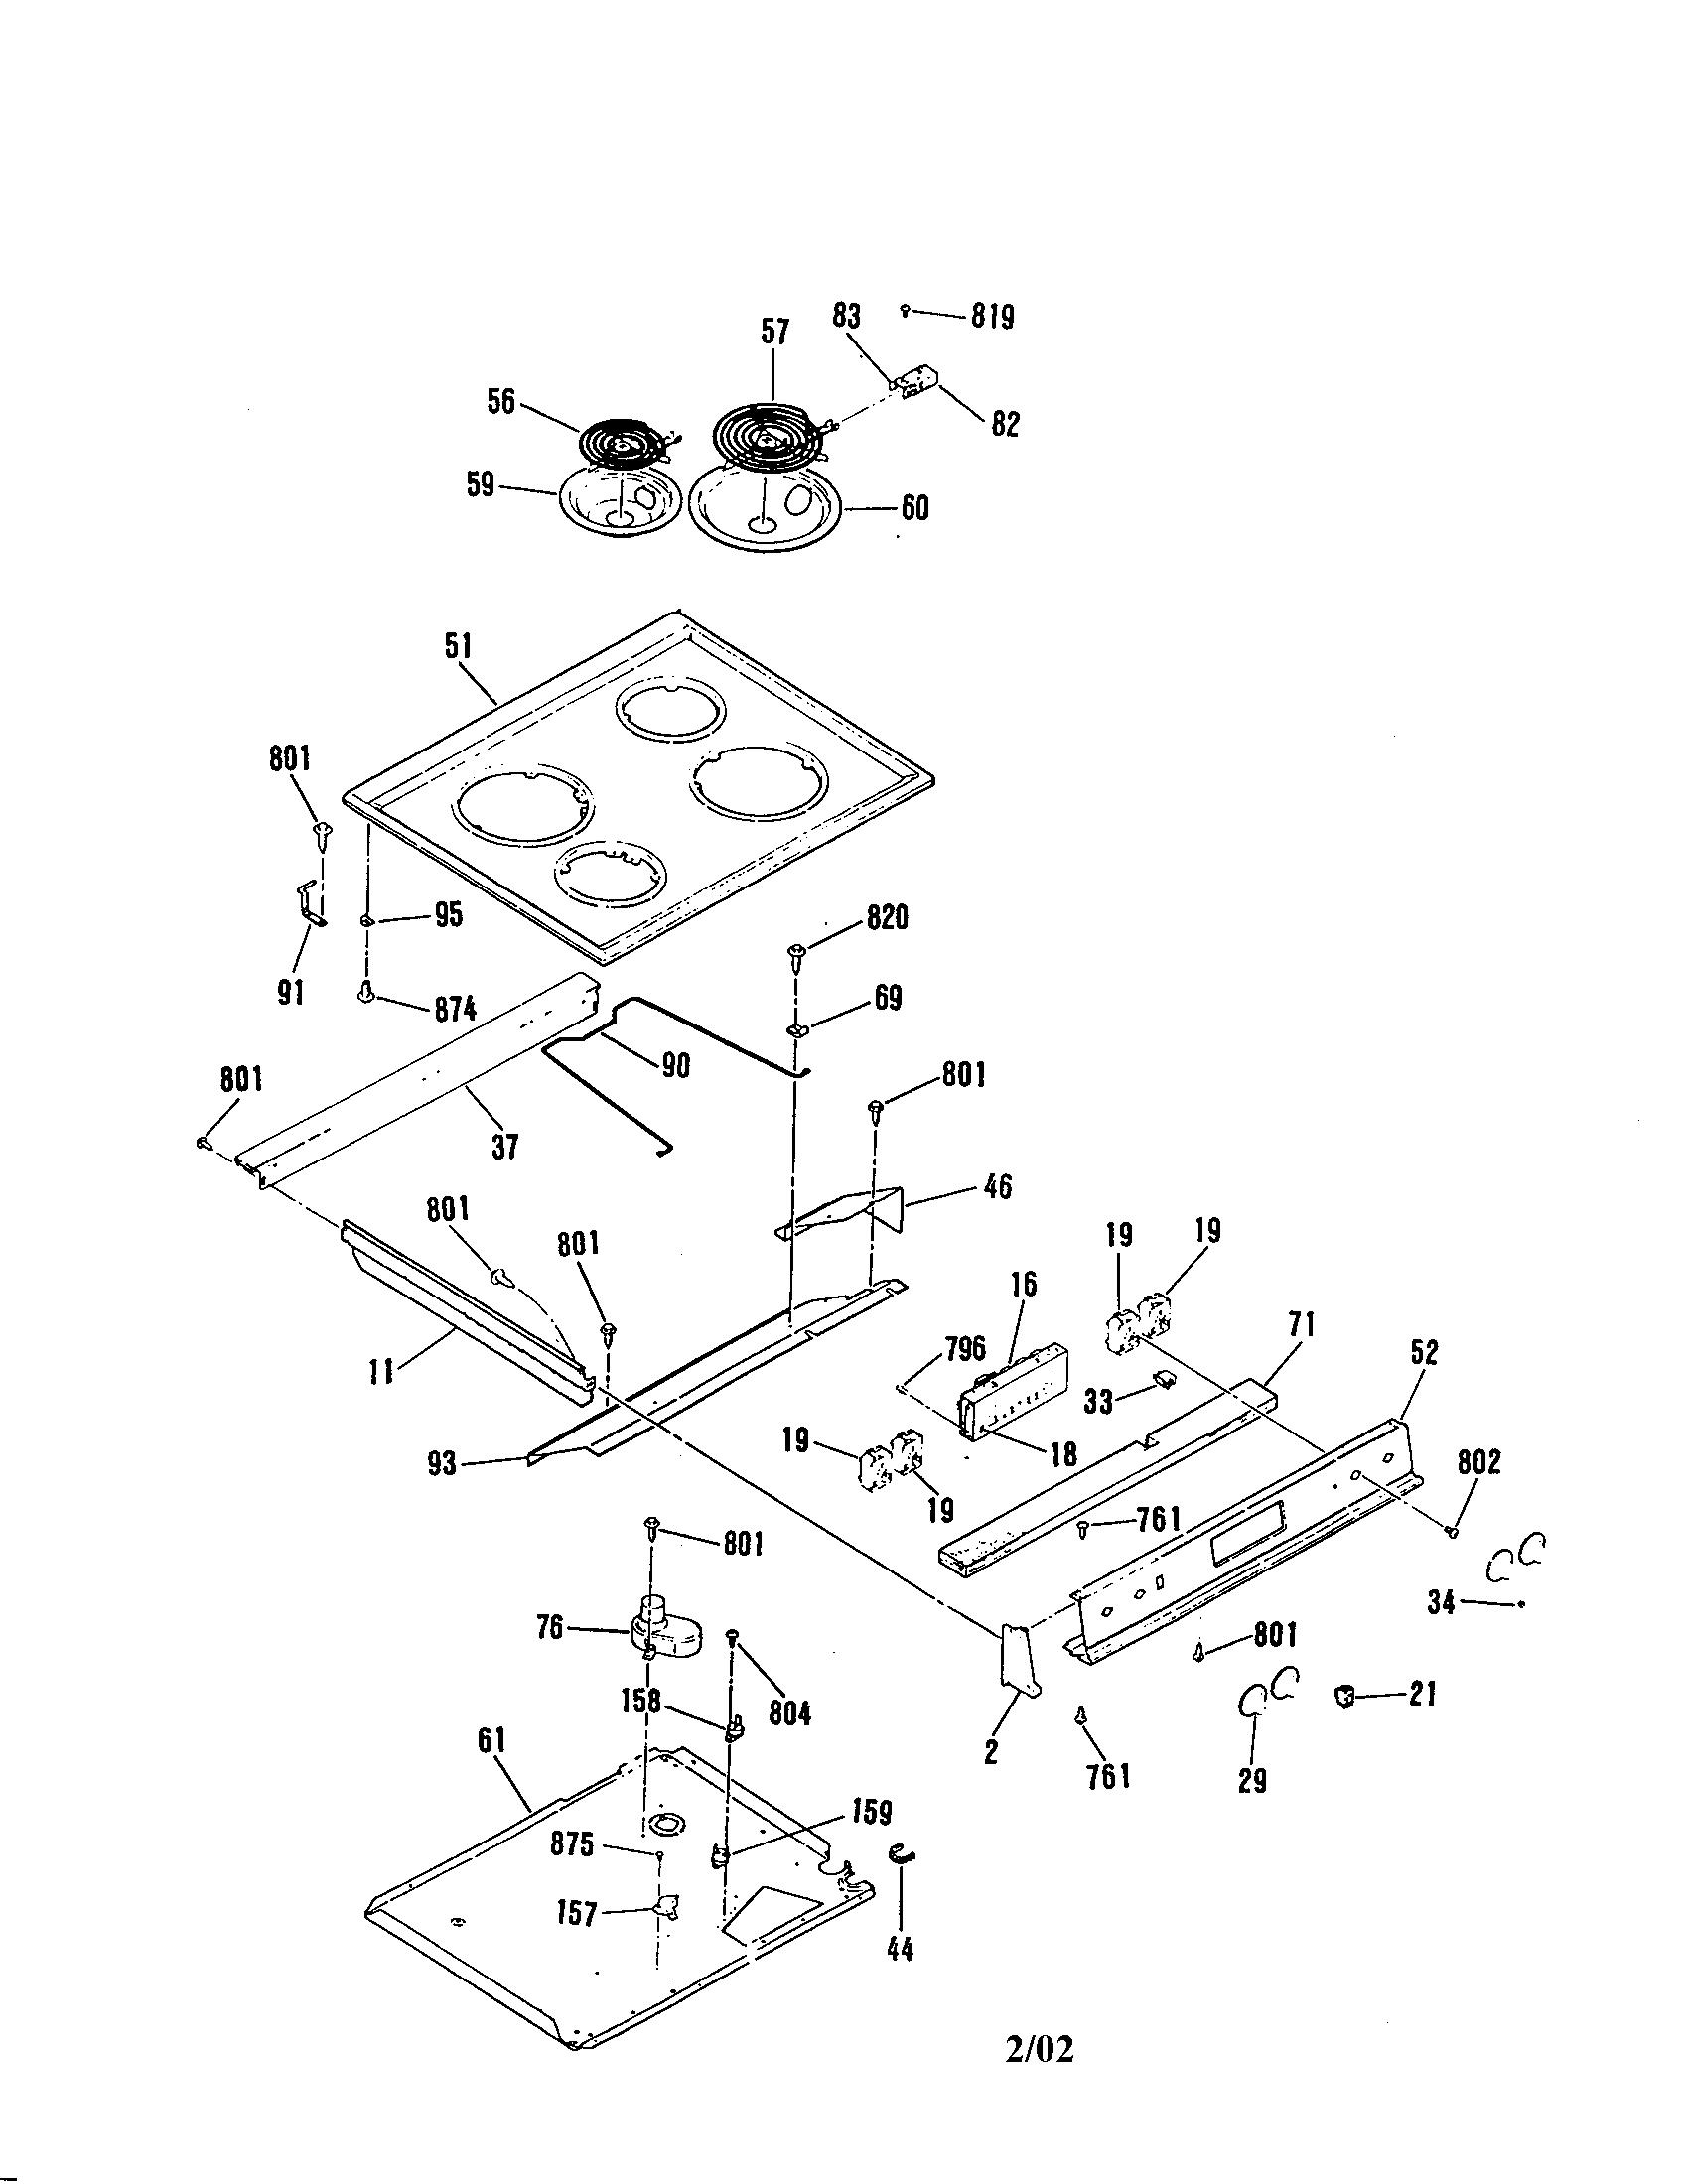 Ge Oven Wiring Diagram Jdp37 Manual E Books Jbp79sod1ss General Electric Jsp28gp Range Timer Stove Clocks And Appliance Timersjsp28gp Maintop Parts